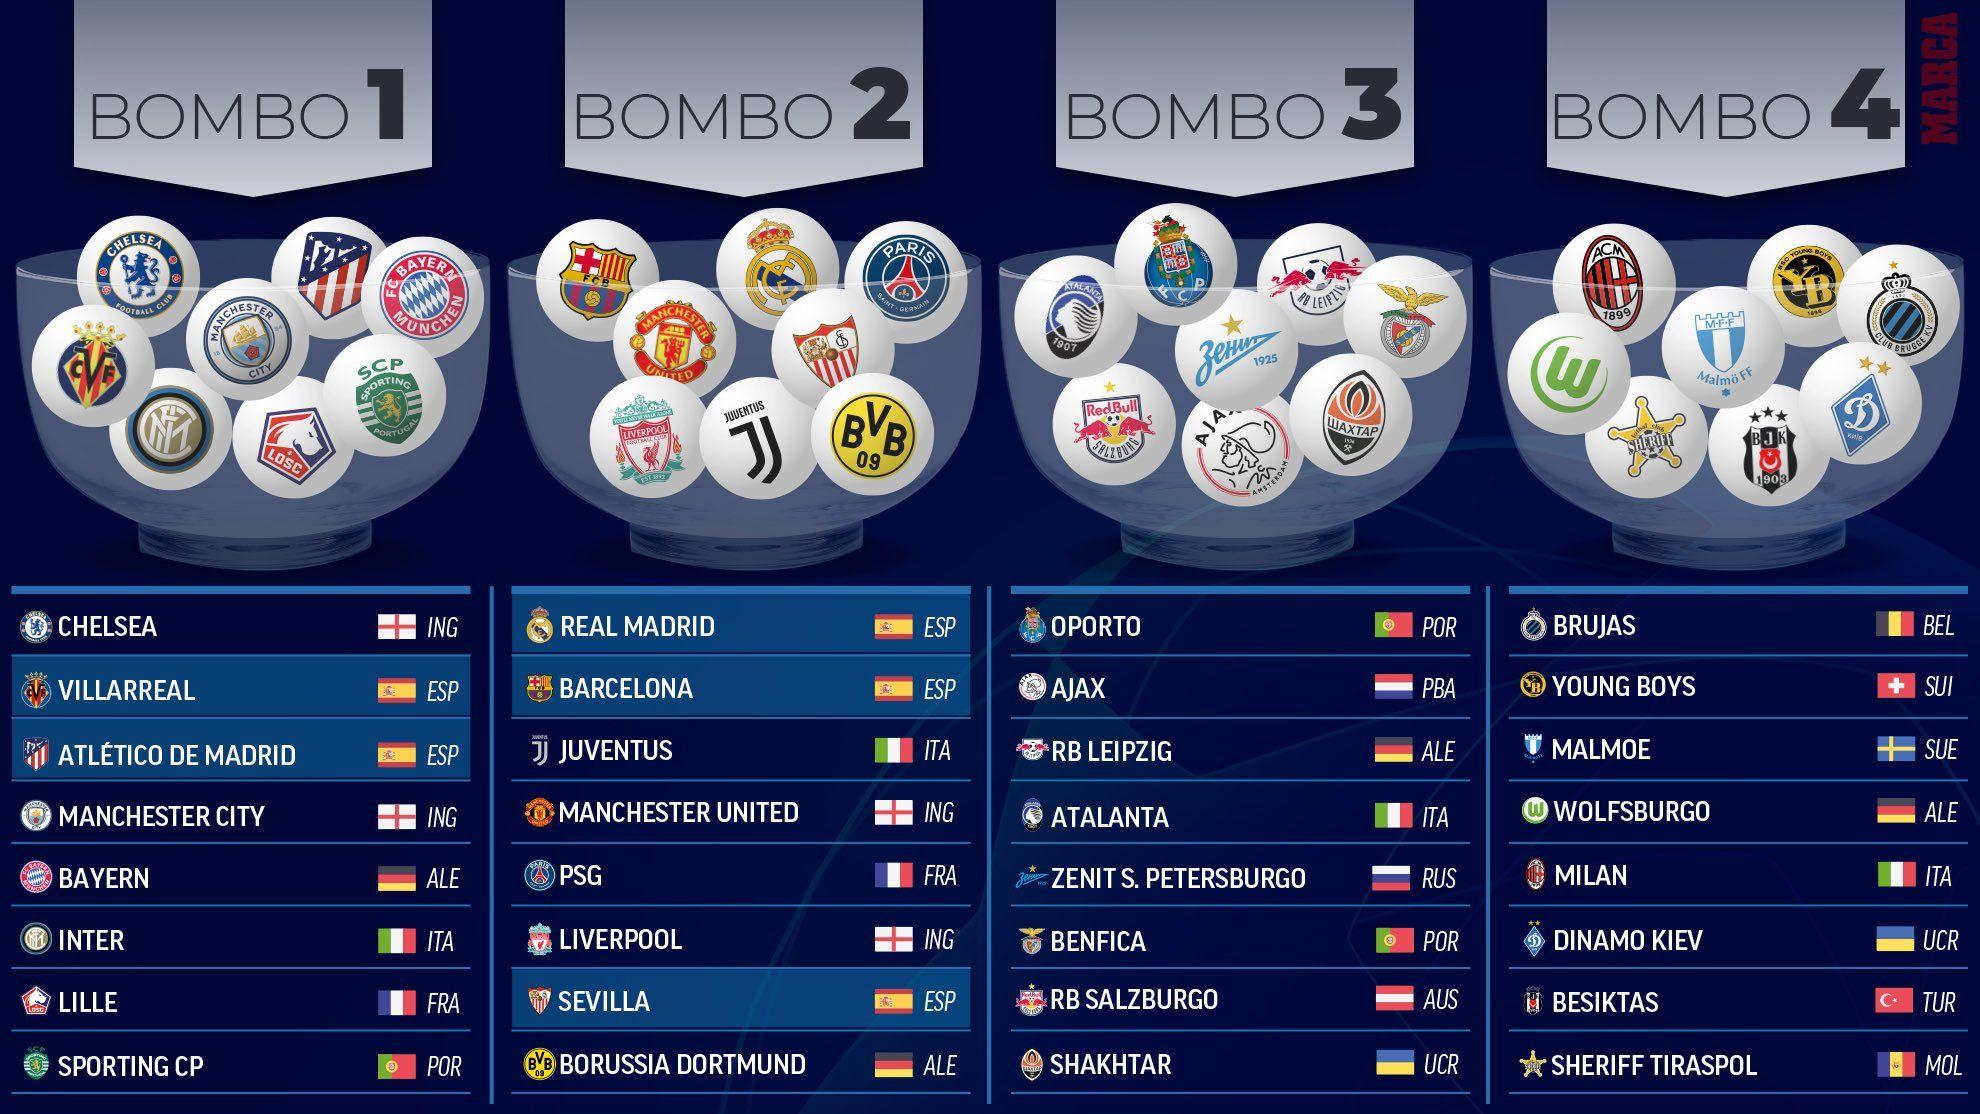 Champions League pots